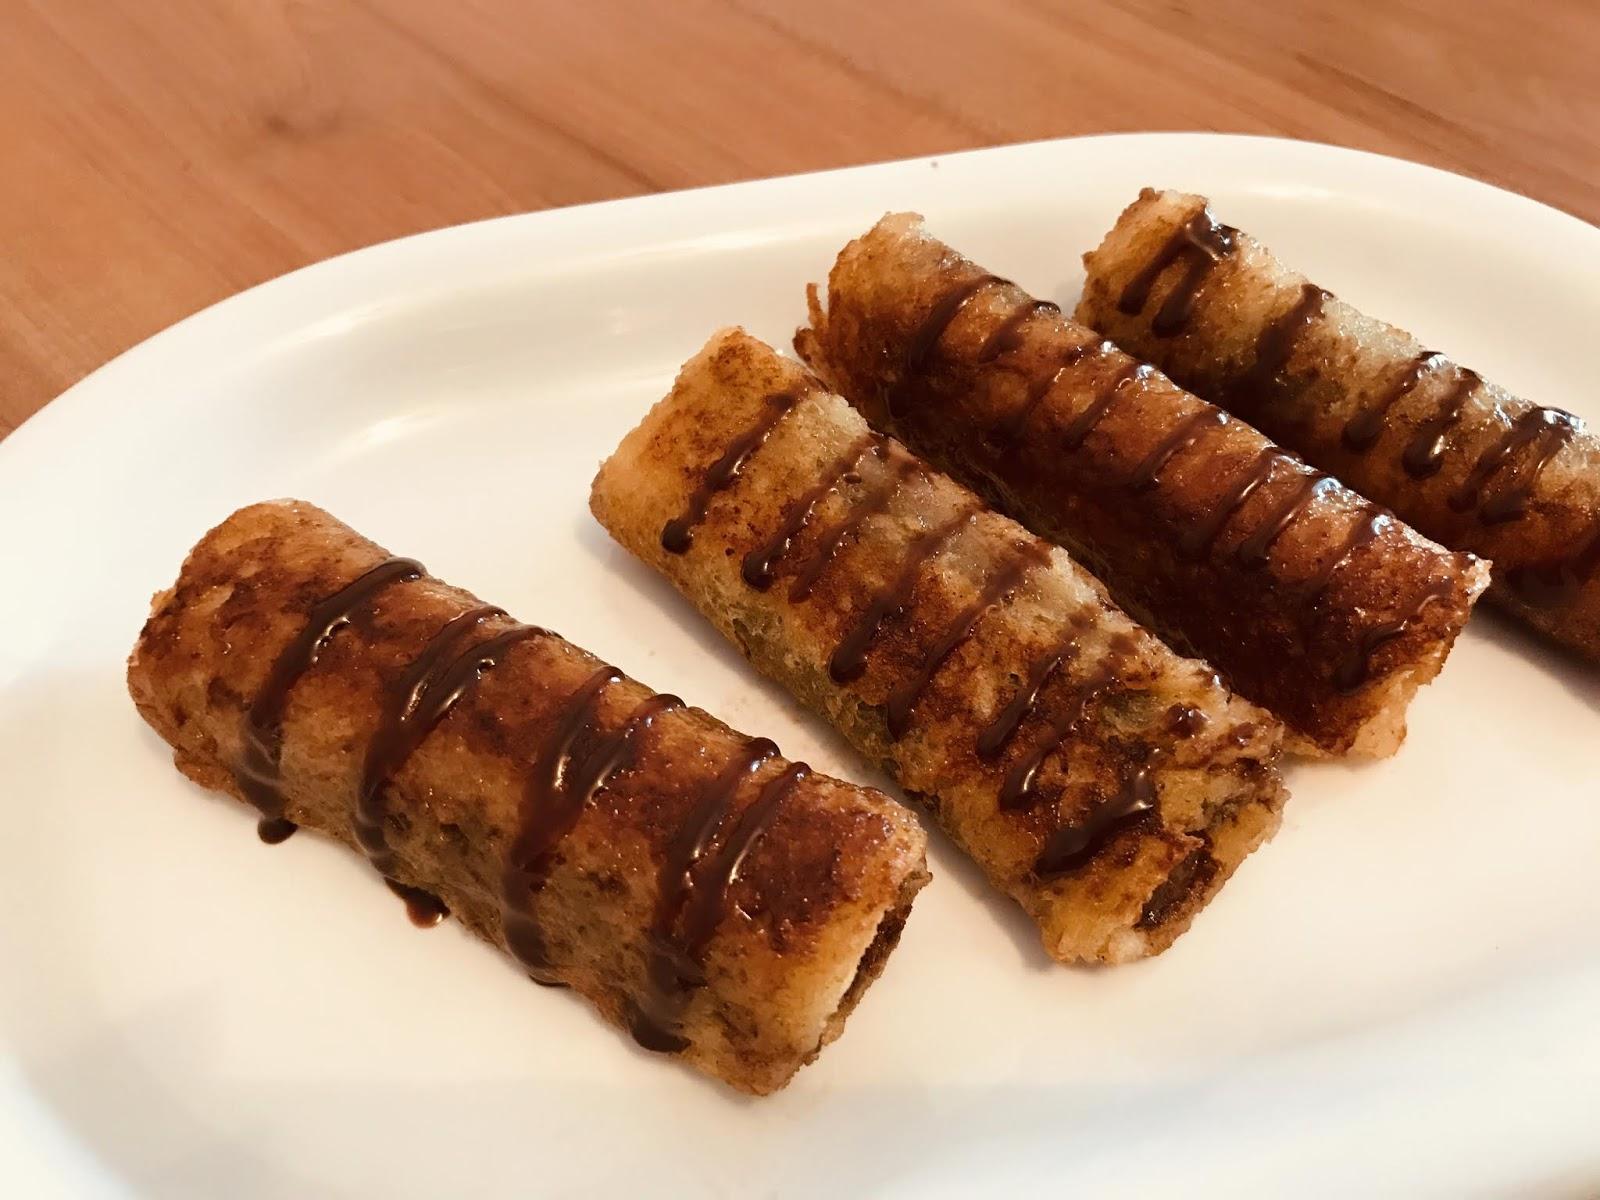 Pain Perdu Au Nutella mes recettes rapides: pain perdu au pain de mie banane chocolat